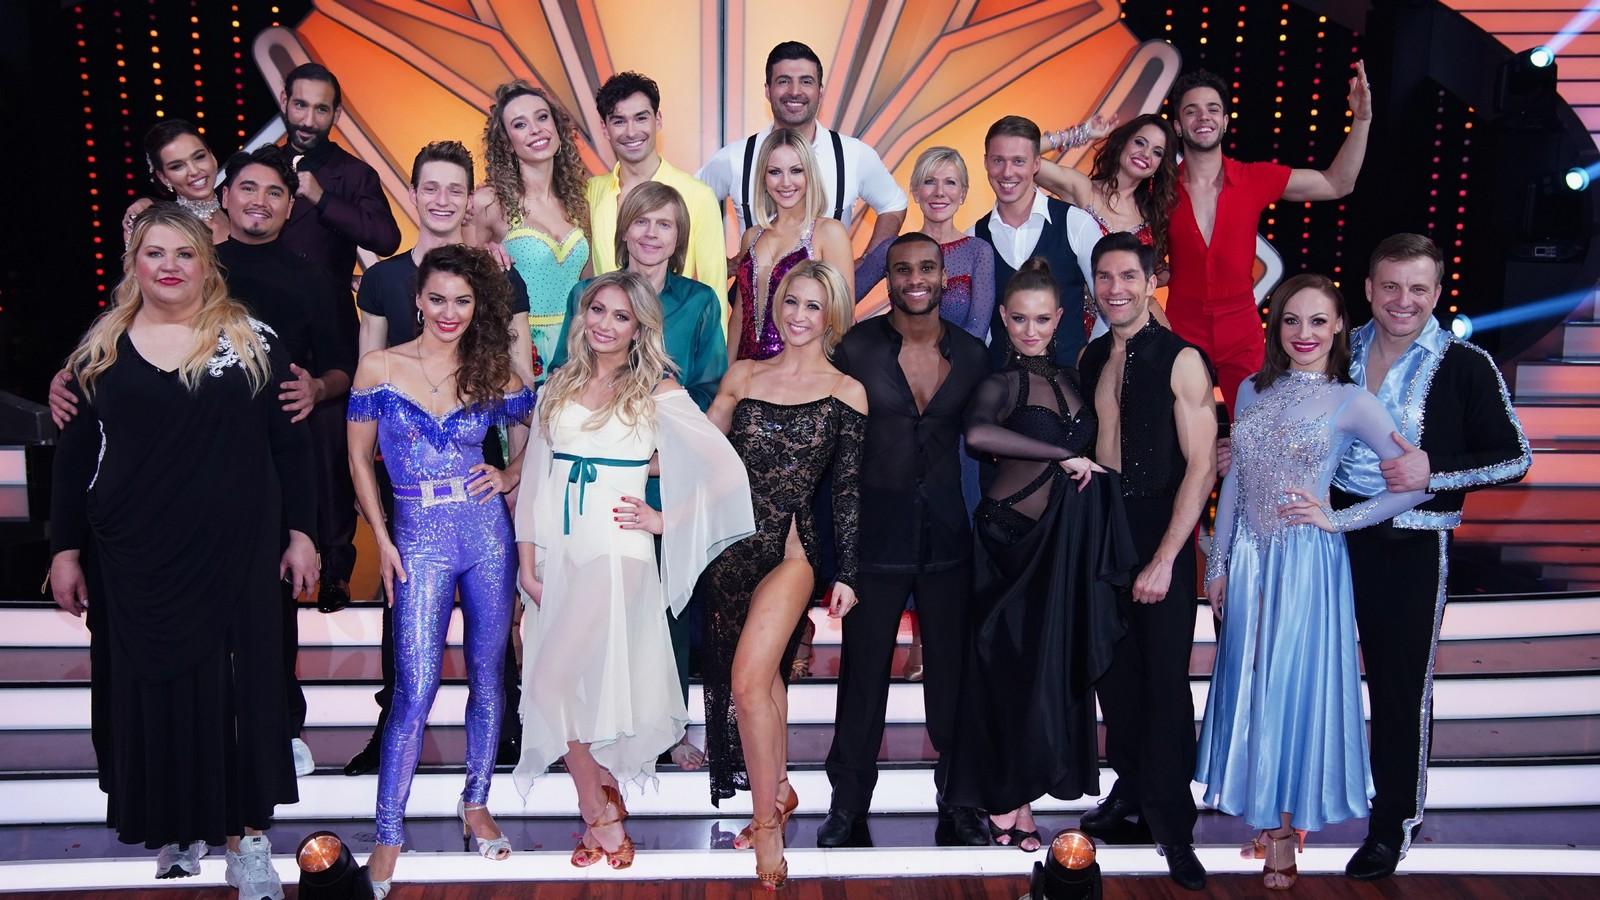 Wer Ist Sieger Bei LetS Dance